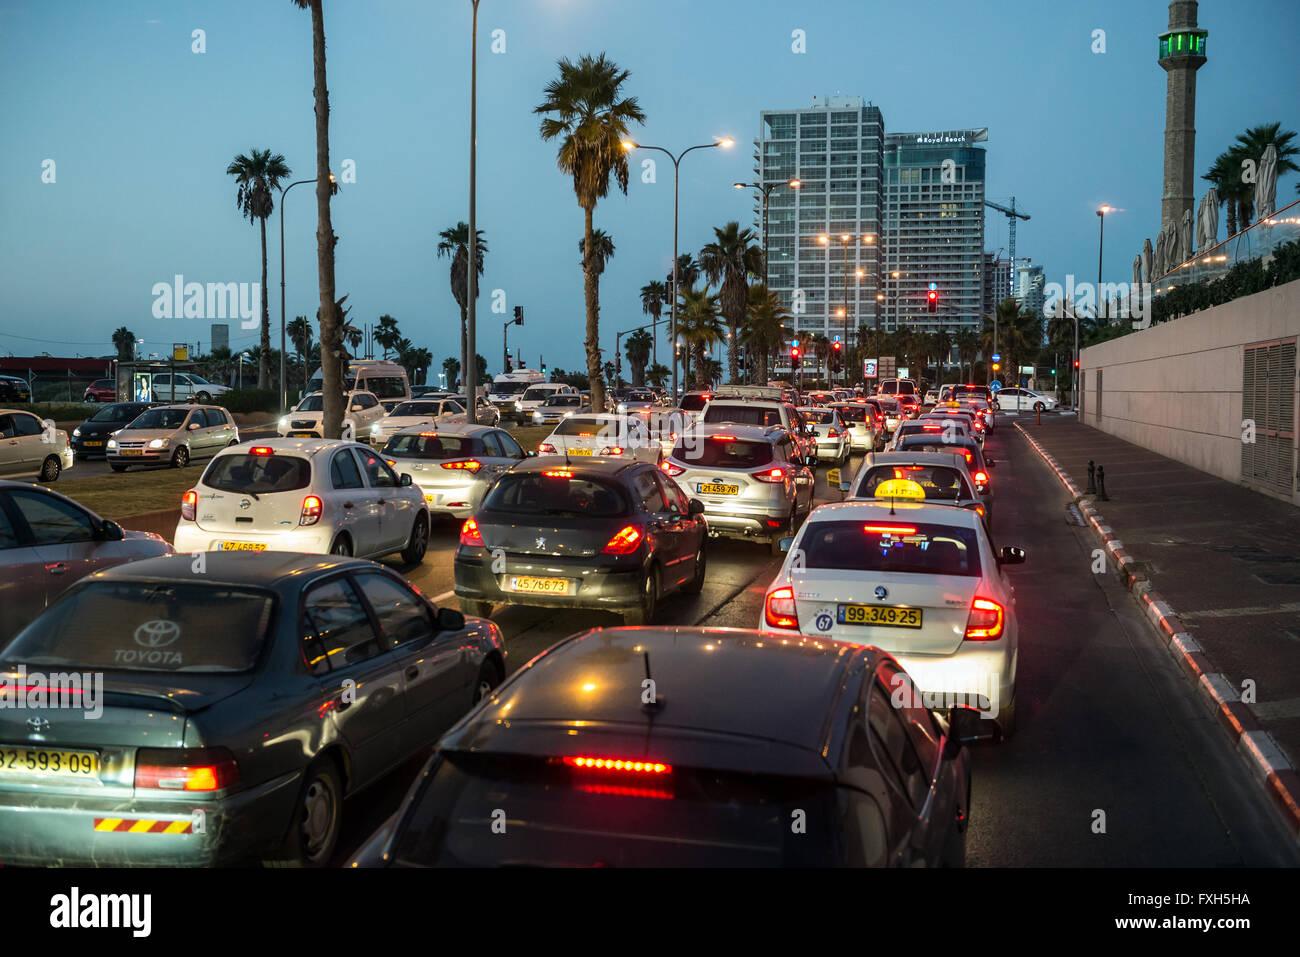 Evening Traffic At HaYarkon Street In Tel Aviv City Israel View